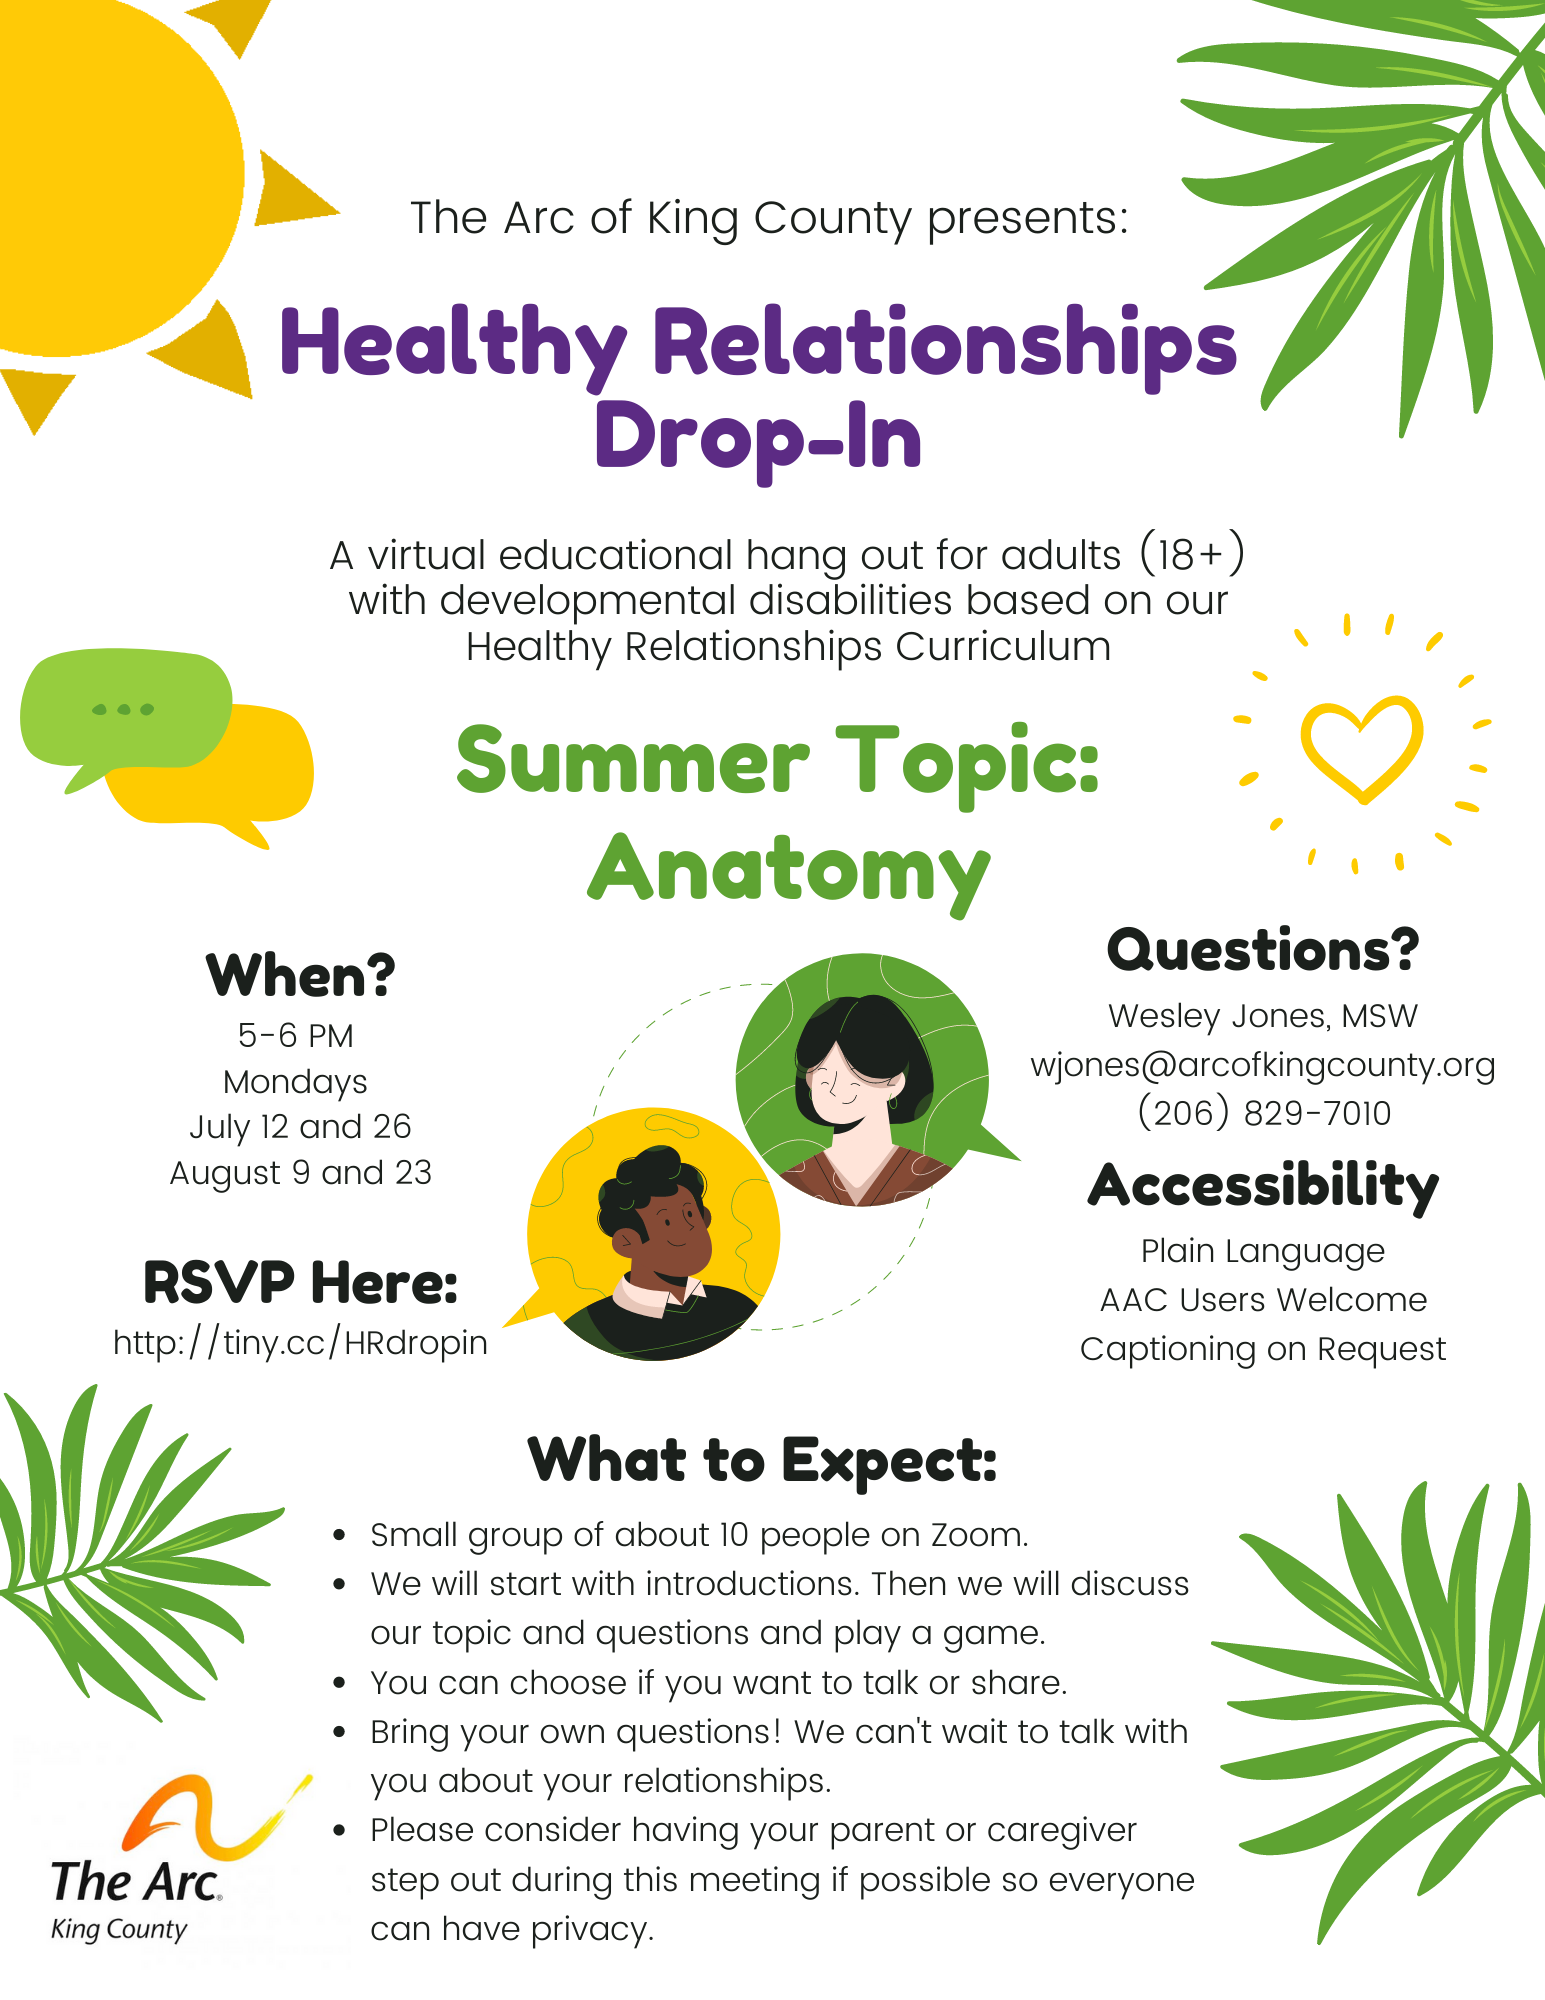 Healthy Relationships Drop-In Flyer